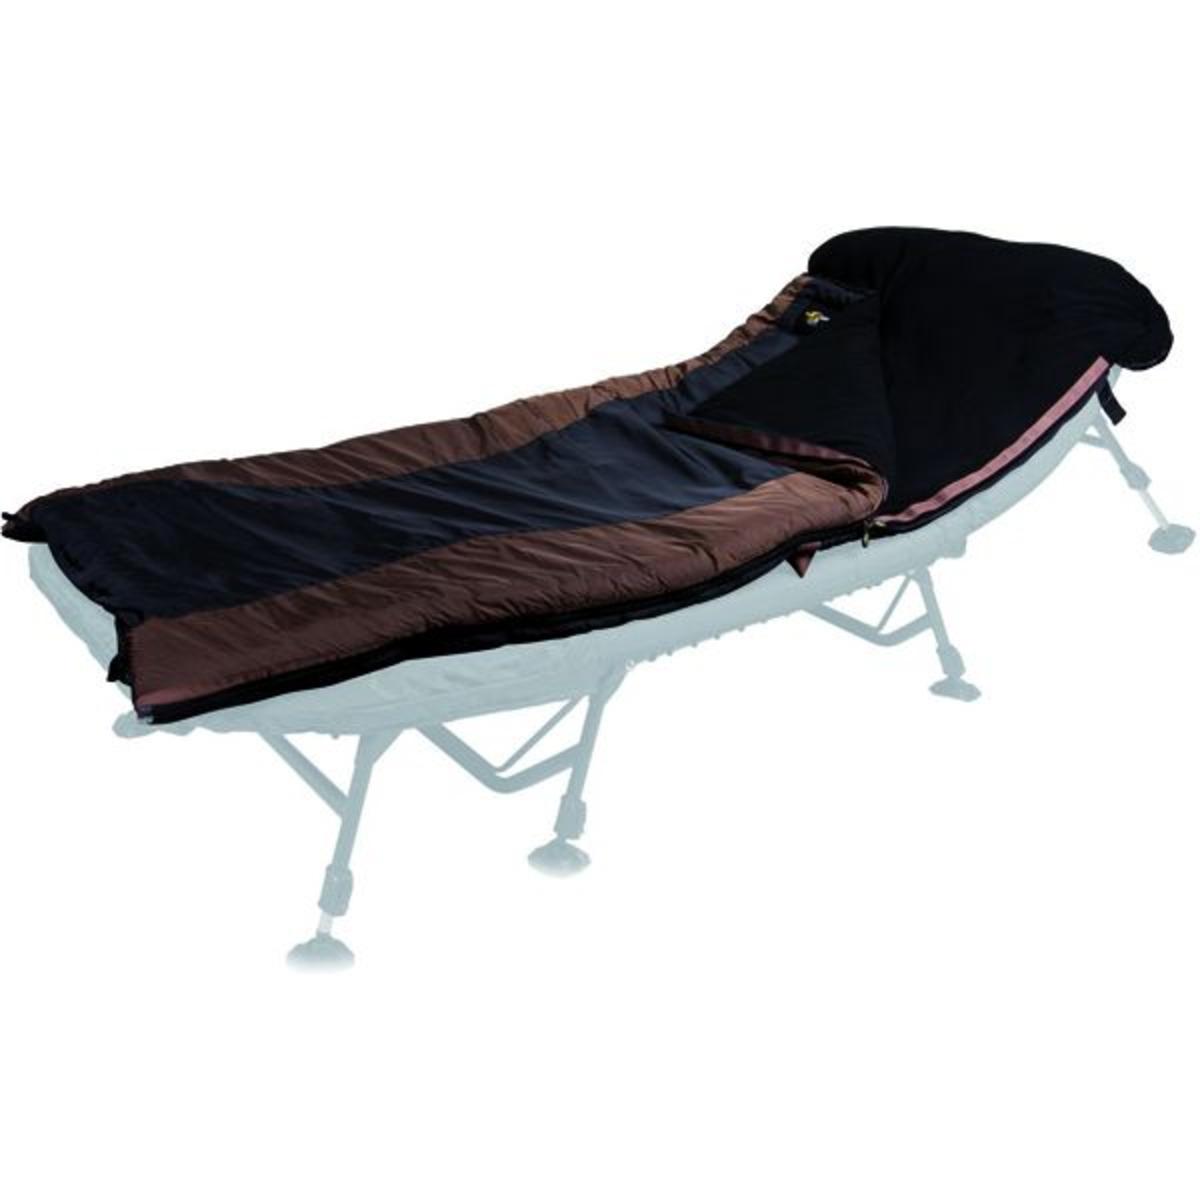 Carp Spirit Sleeping Bag Luxe - 3.7 kg - 2.35x1.00 m